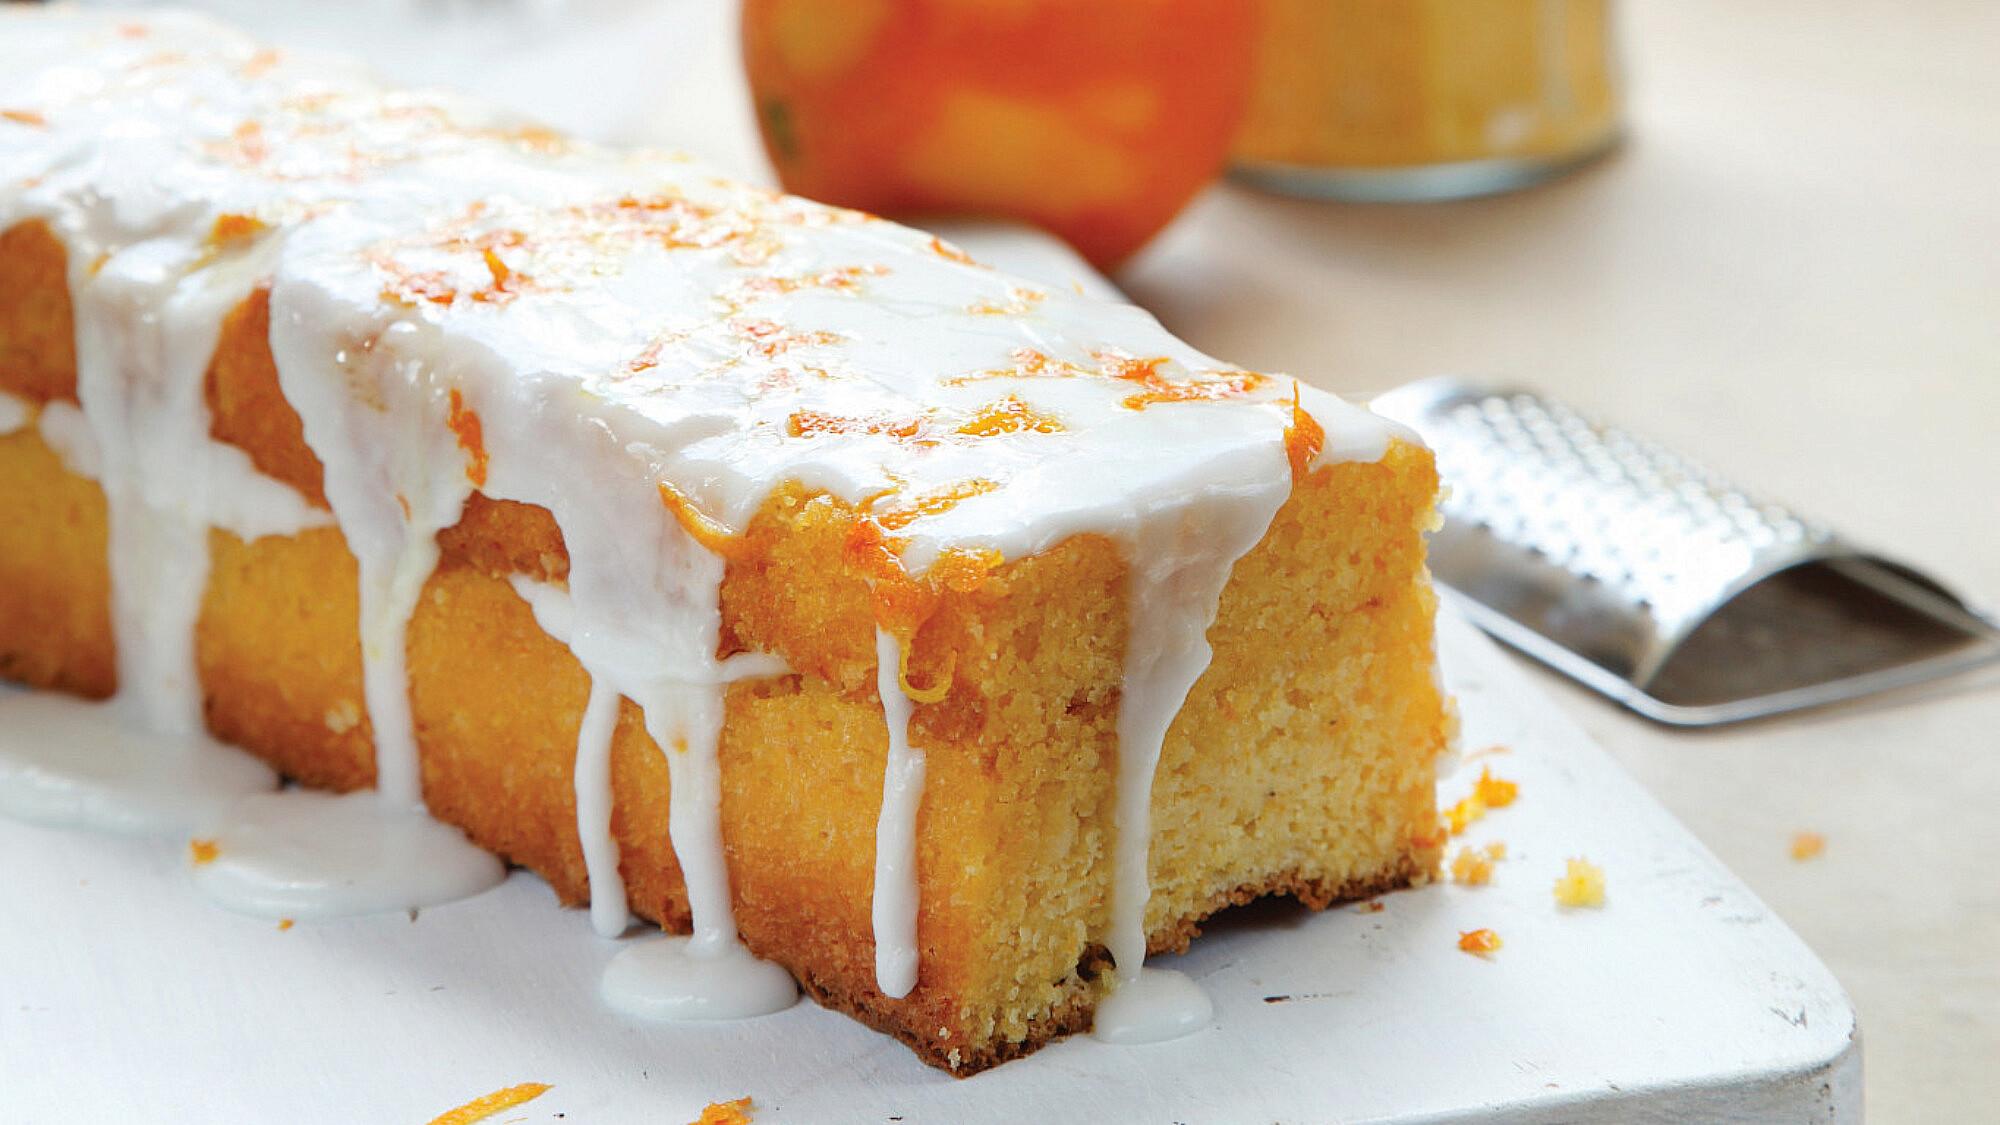 עוגת פולנטה ותפוזים של לידור ברזיק-פרידלנד | צילום: דניה ויינר | סגנון: אוריה גבע